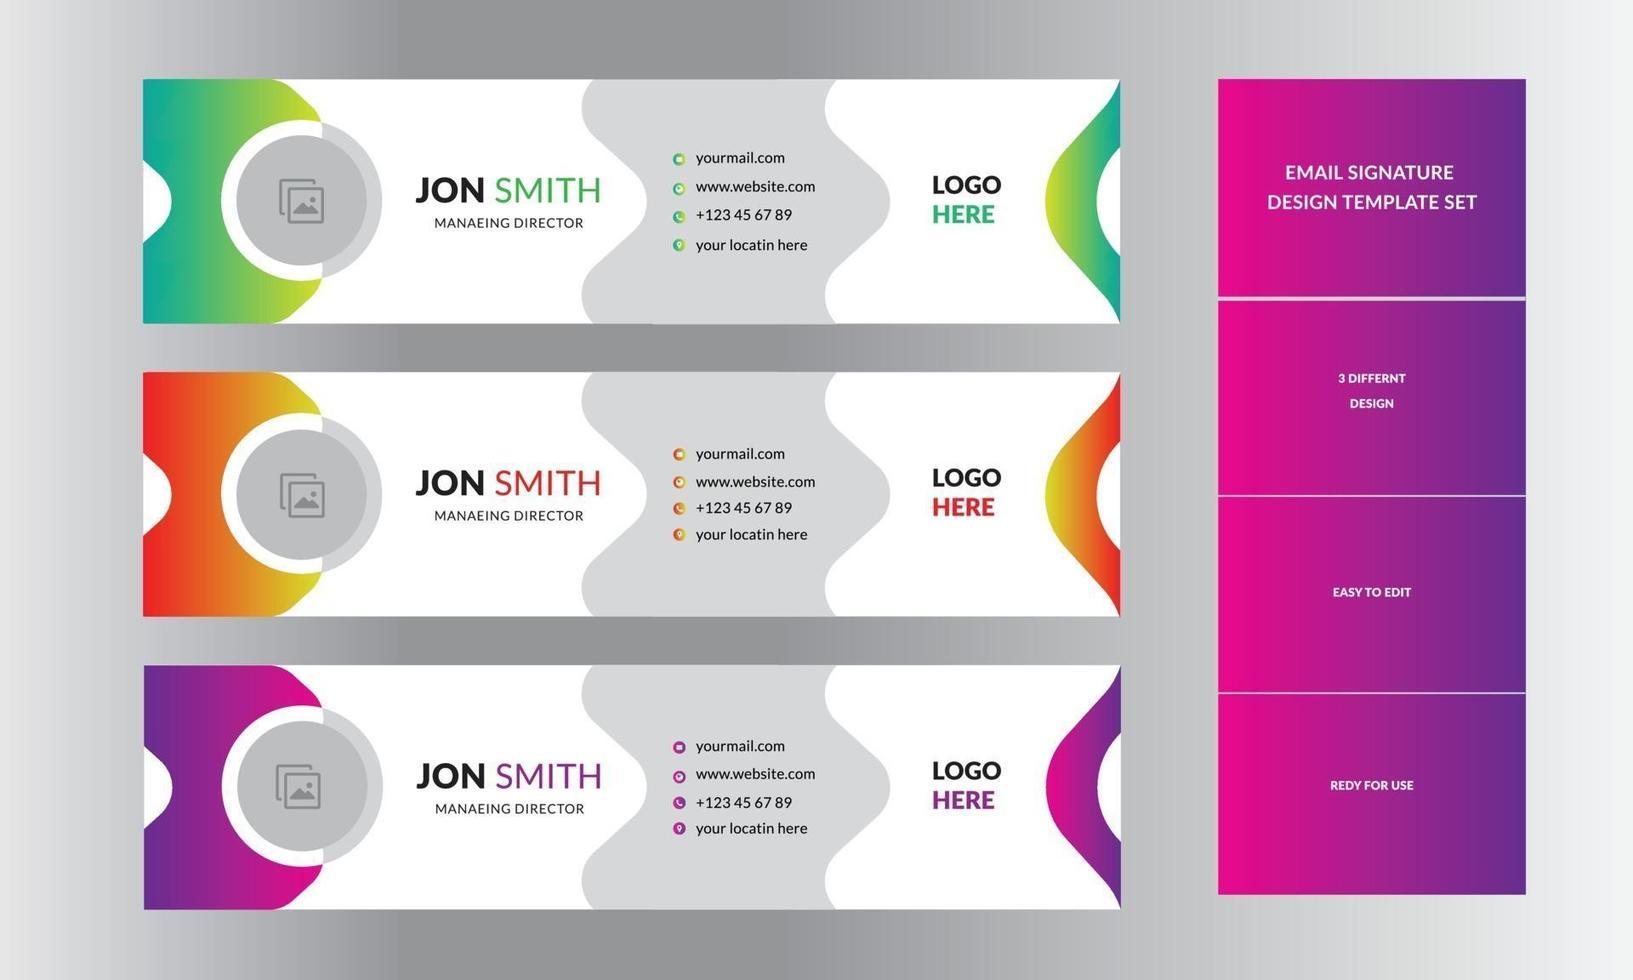 modello di progettazione della posta del modello di firma di posta elettronica professionale aziendale vettore